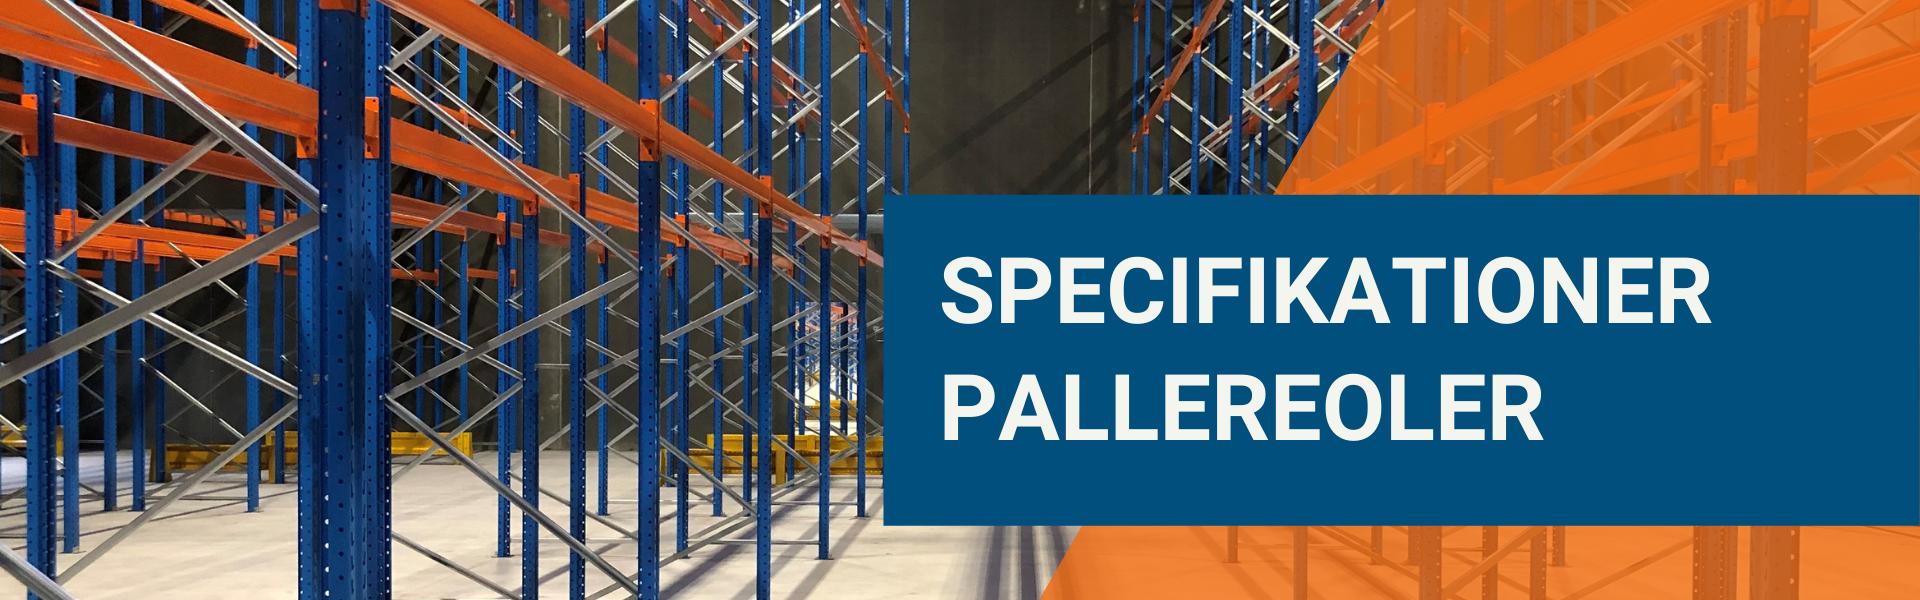 Tekniske specifikationer på pallereoler.